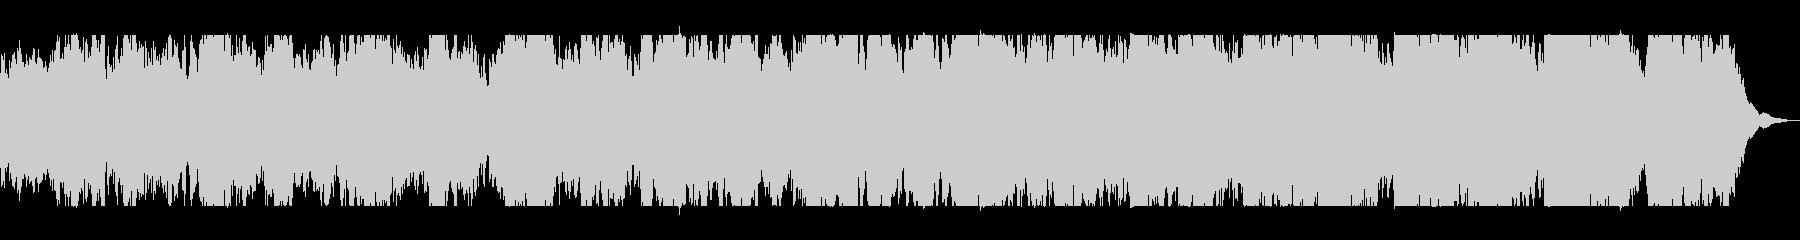 躍動感のあるオーケストラファンタジーの未再生の波形